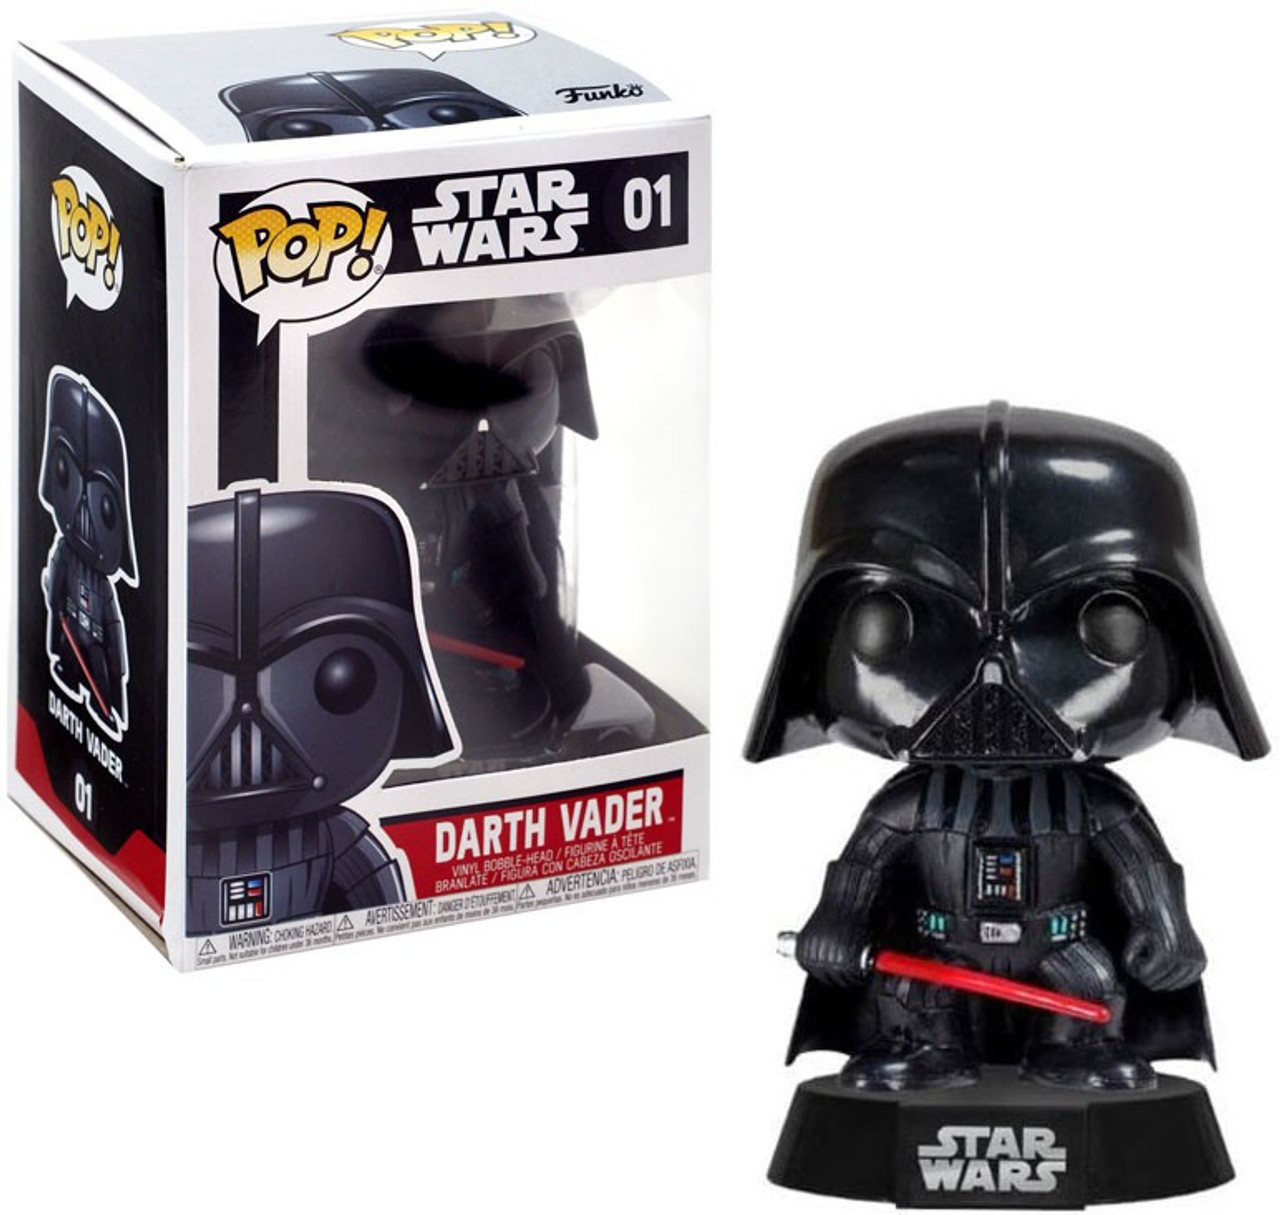 Star Wars Darth Vader Vinyl Bobble-Head Series 1 *Read Details* Funko Pop